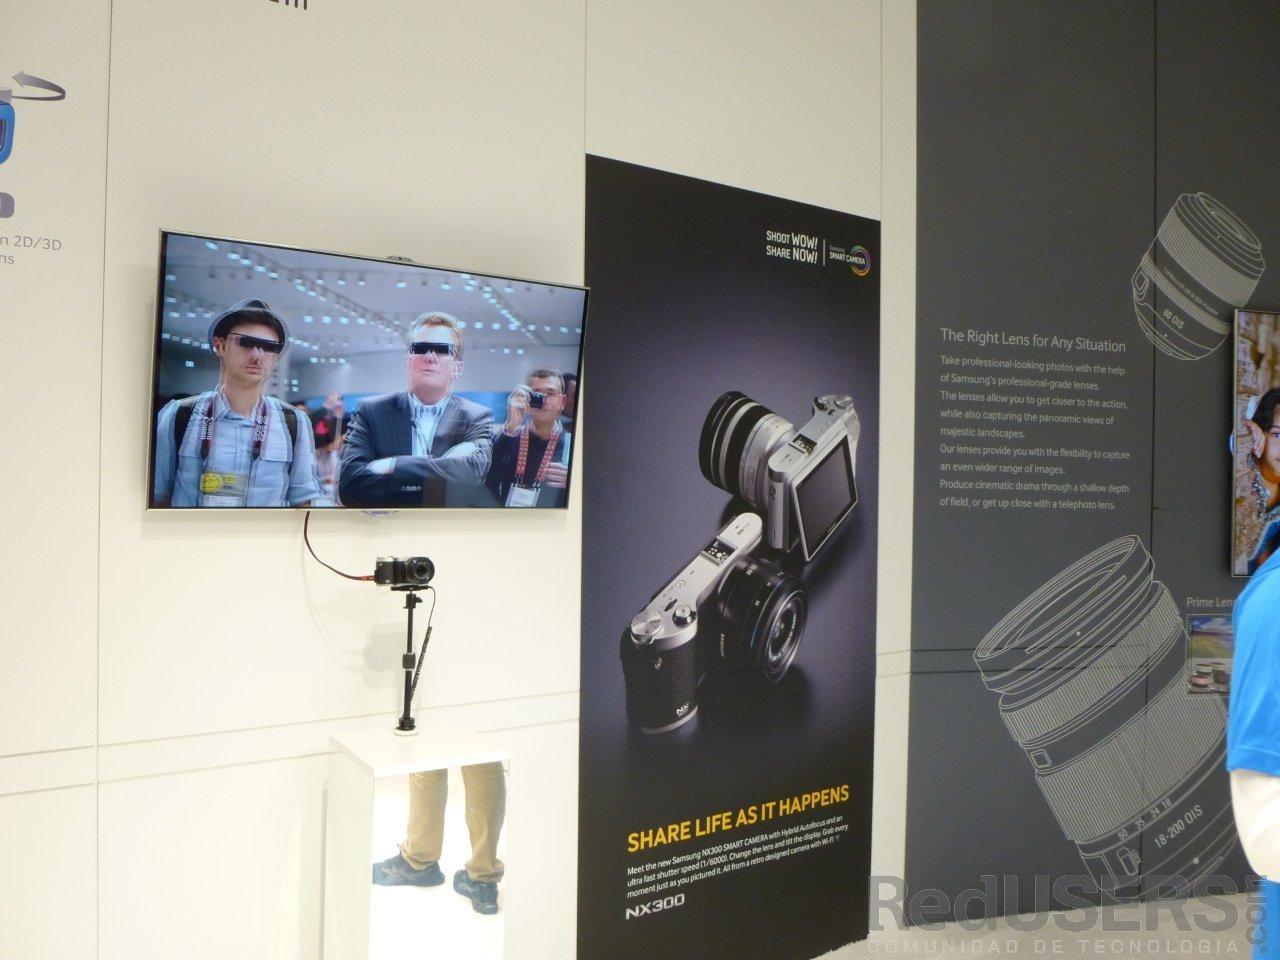 La flamante NX3000, filmando en 3D en vivo